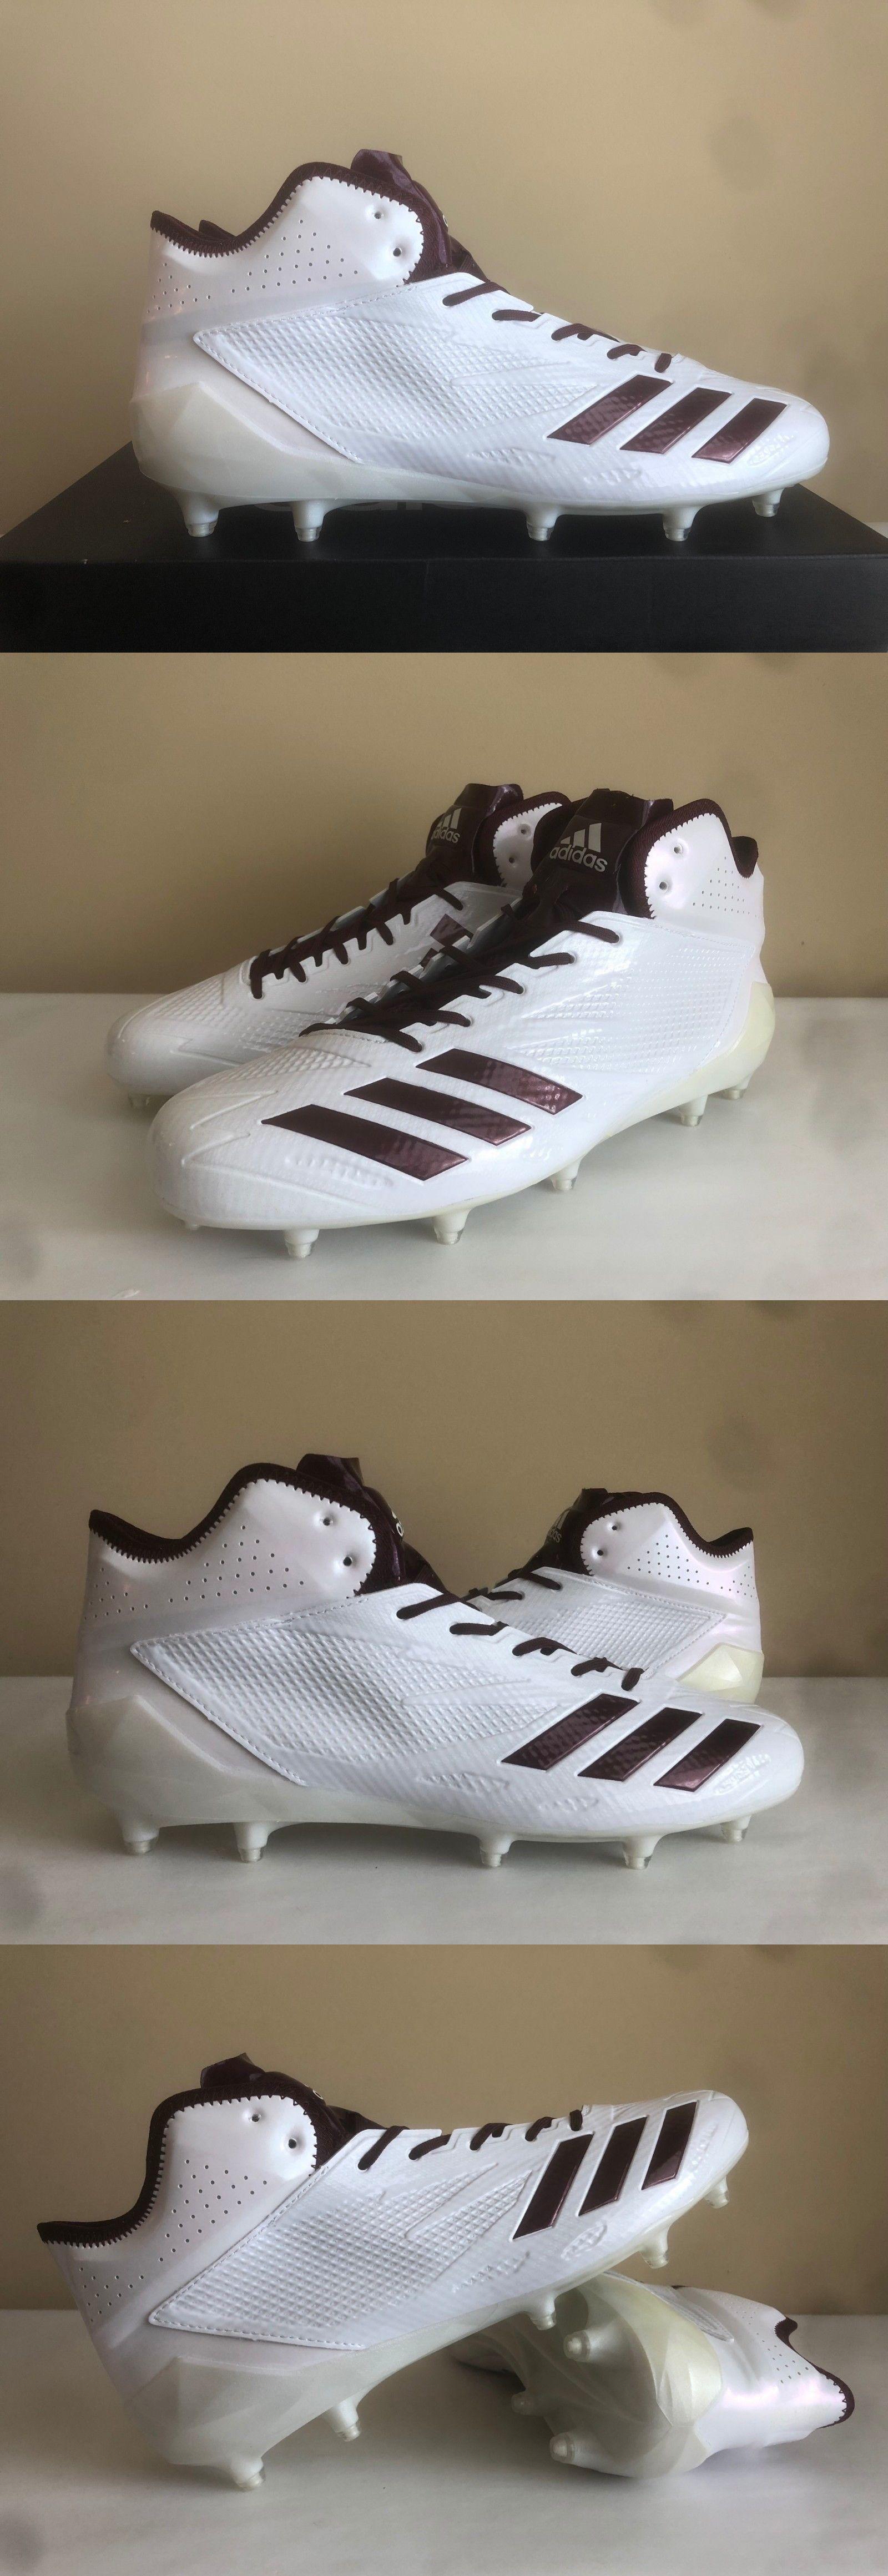 wholesale dealer 18e78 8330c Football 21214  Adidas Adizero 5-Star 6.0 Mid Football Cleats Bw1088 White  Maroon New!   Sz 11 -  BUY IT NOW ONLY   34 on  eBay  football  adidas   adizero ...